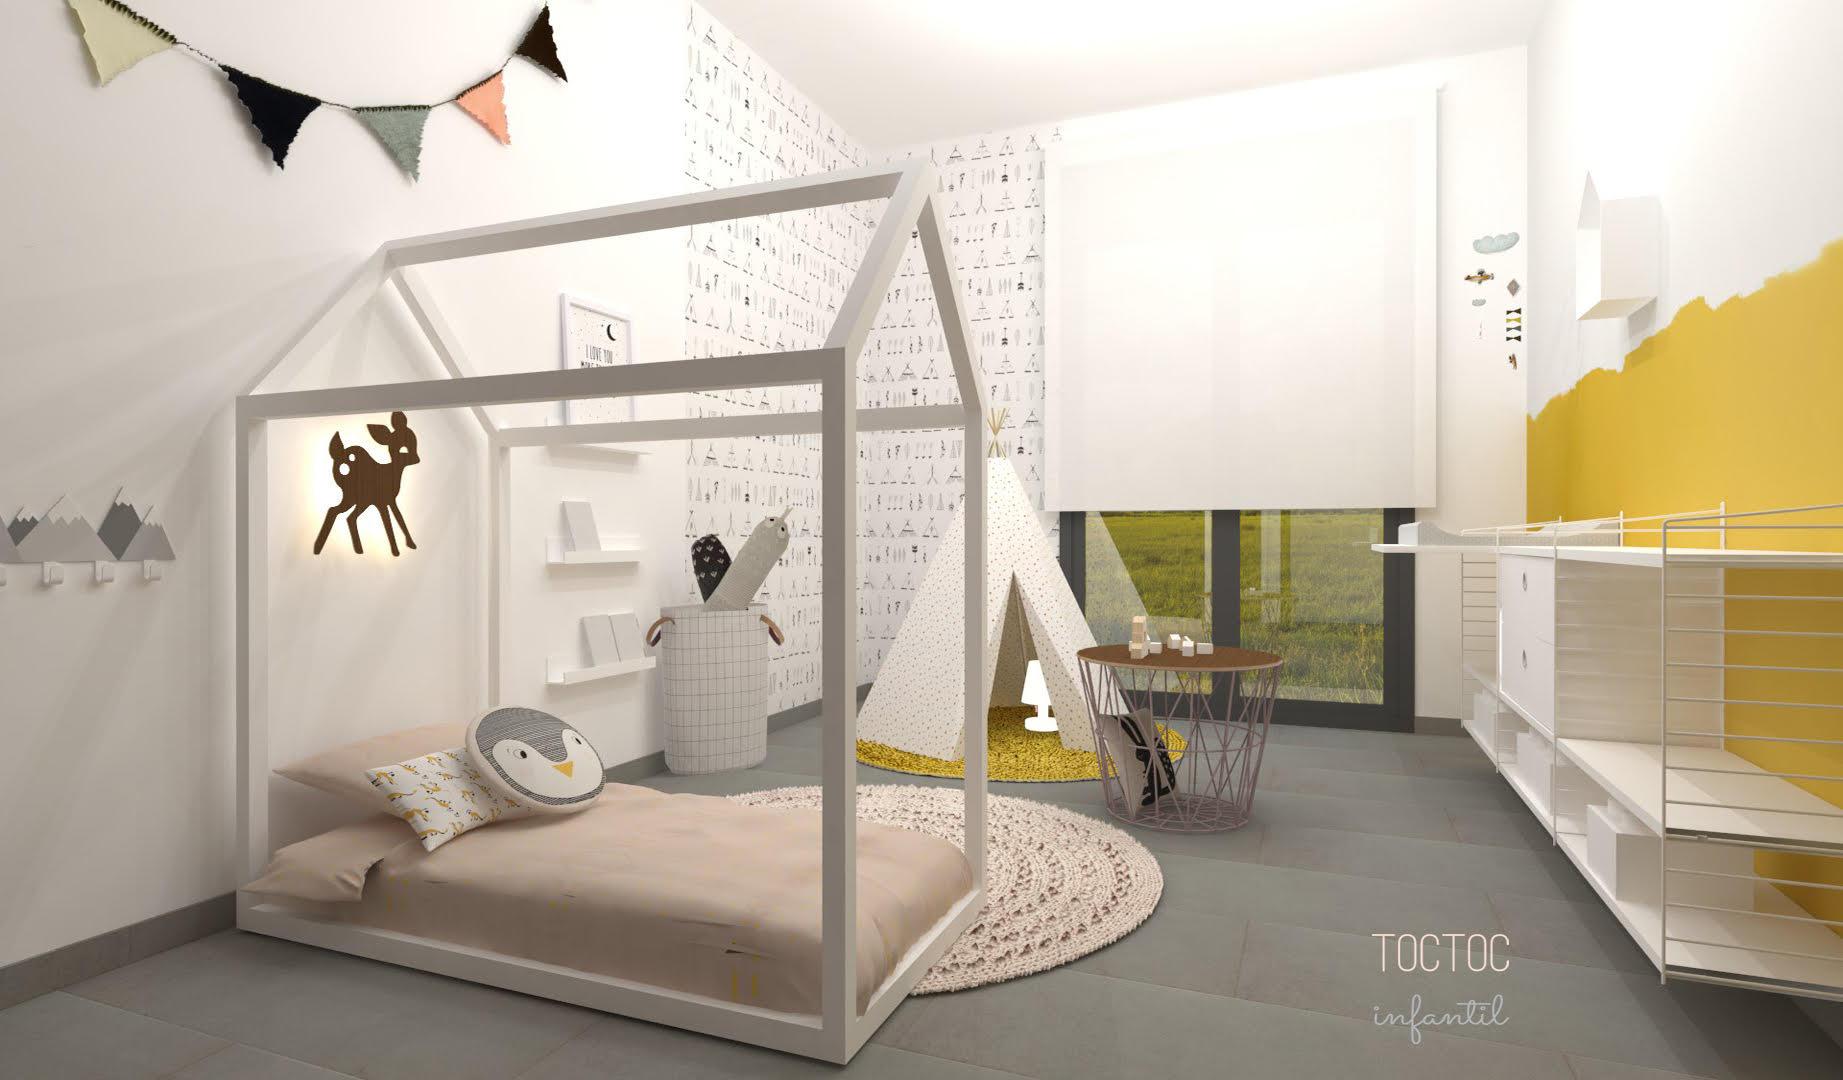 Toc toc infantil decopeques for Decoracion habitacion infantil montessori